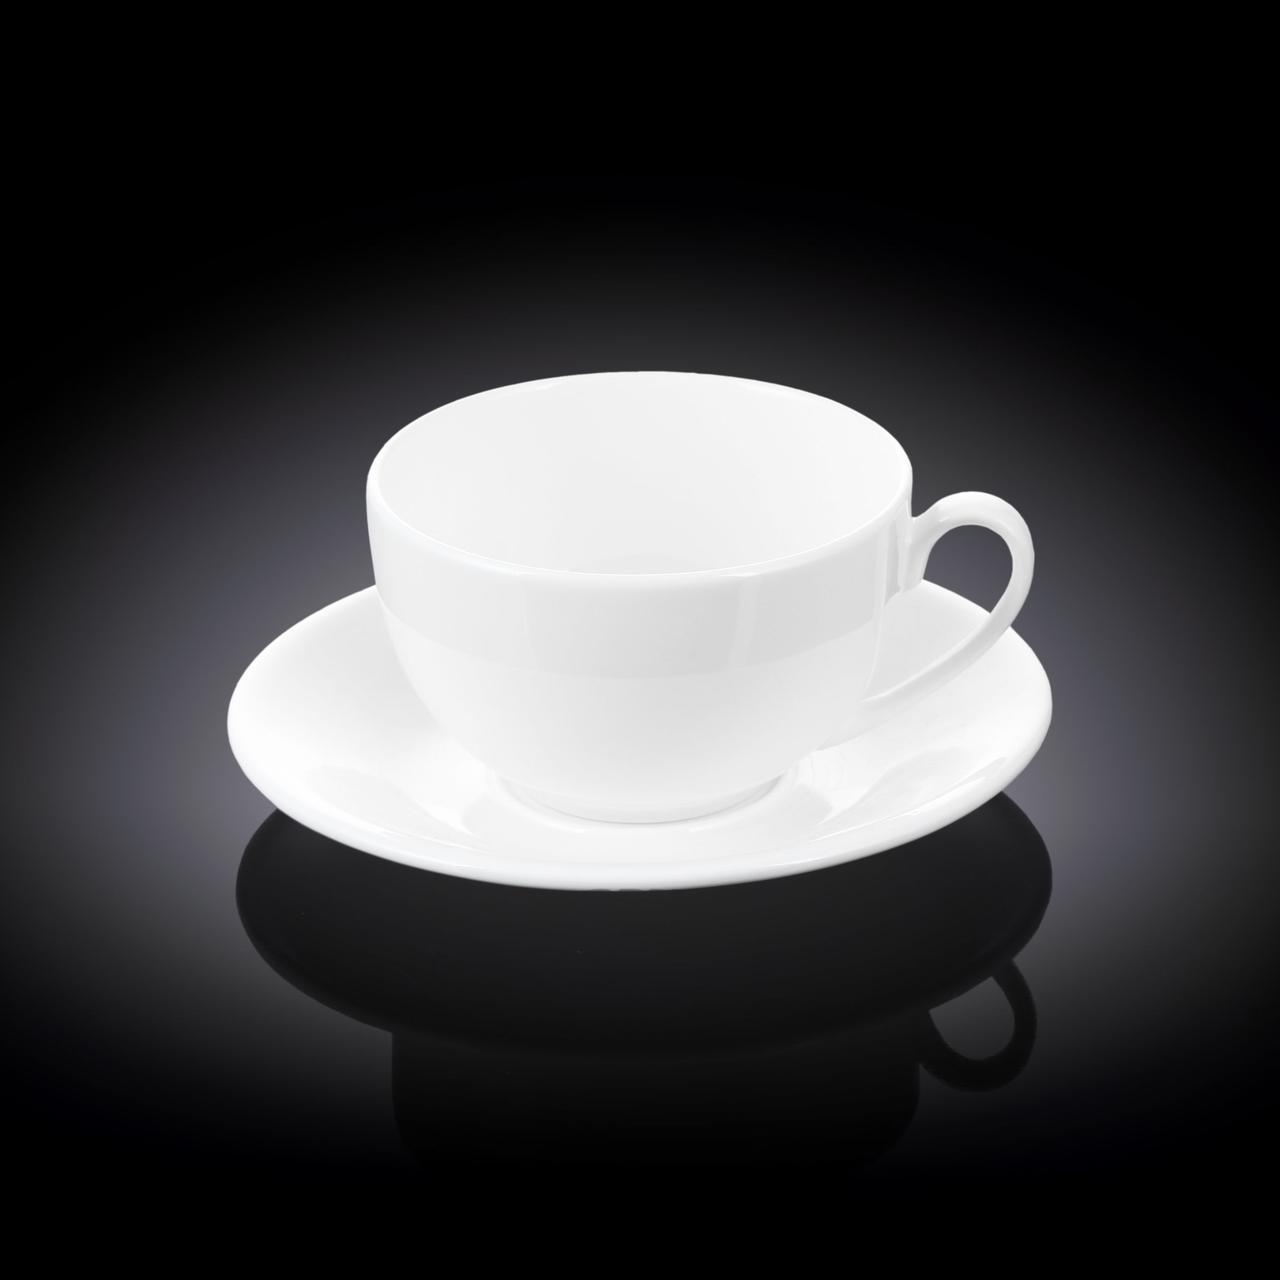 Чашка кофейная Wilmax 100 мл с блюдцем  WL-993002